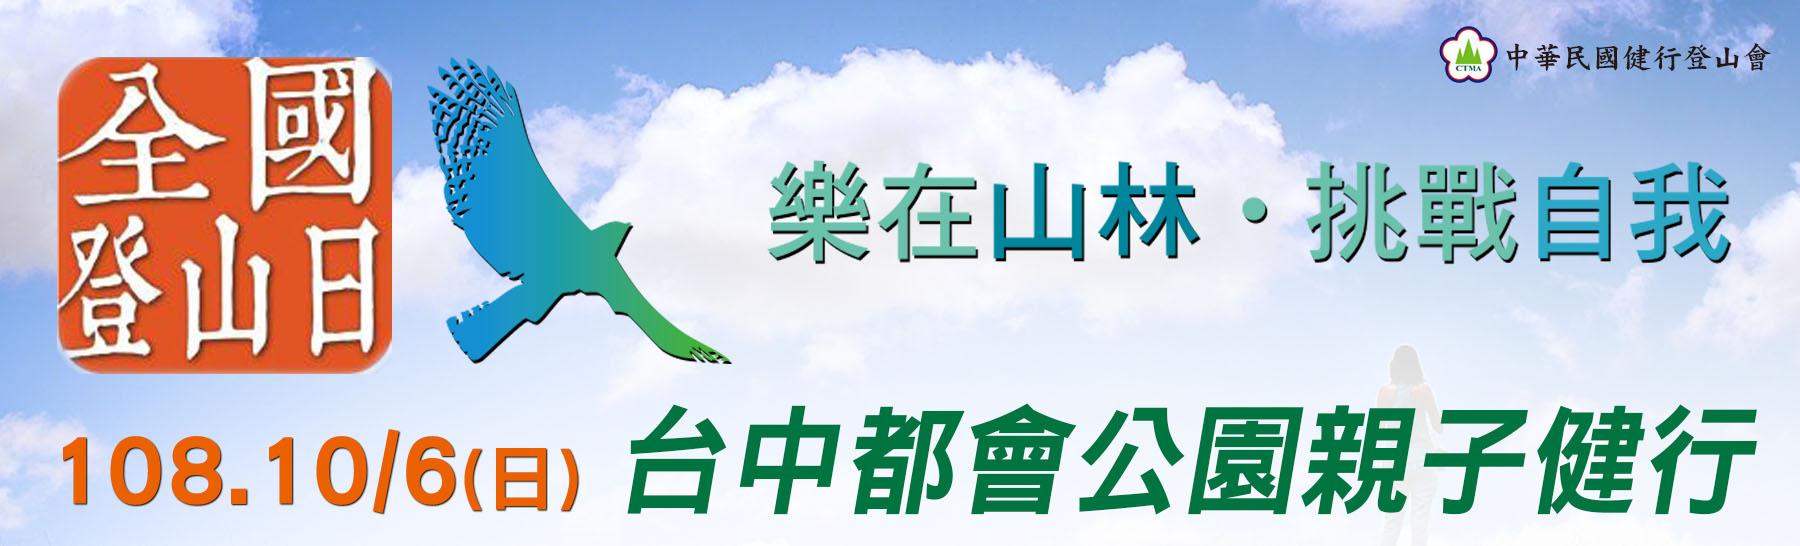 2019 全國登山日(中部場)